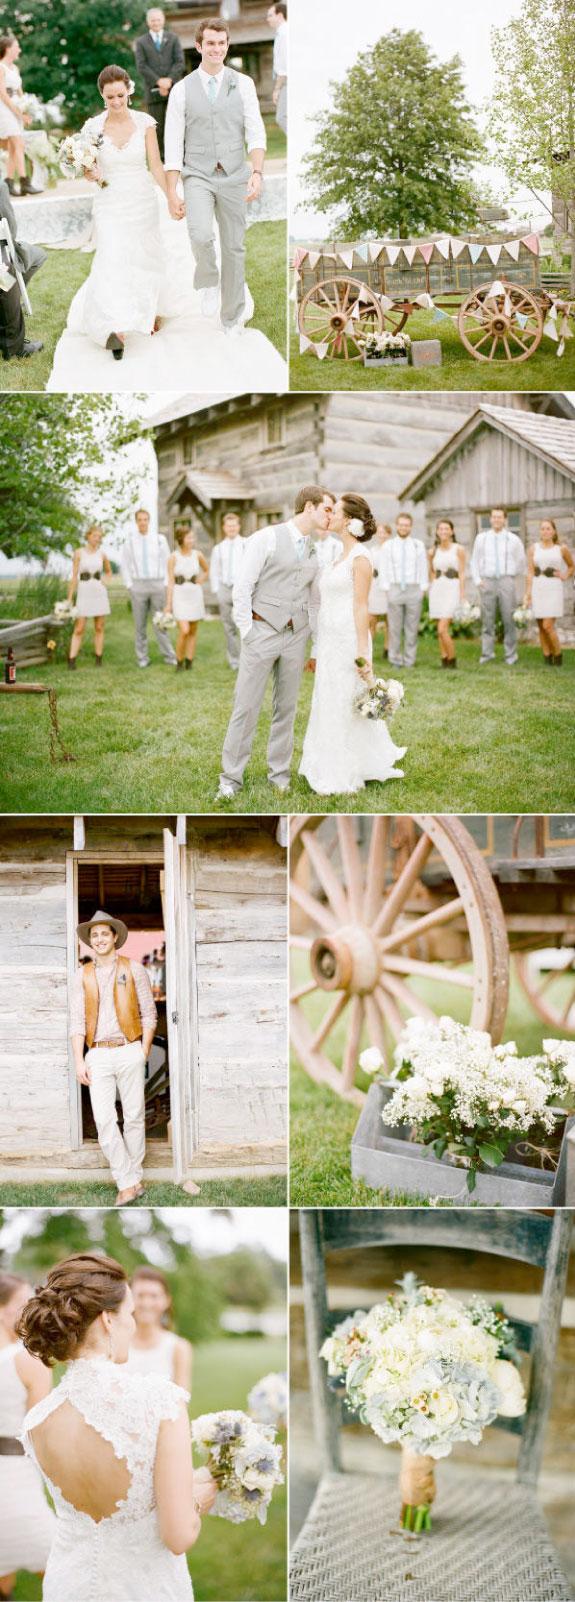 Ślub na powietrzu z piękną dekoracją